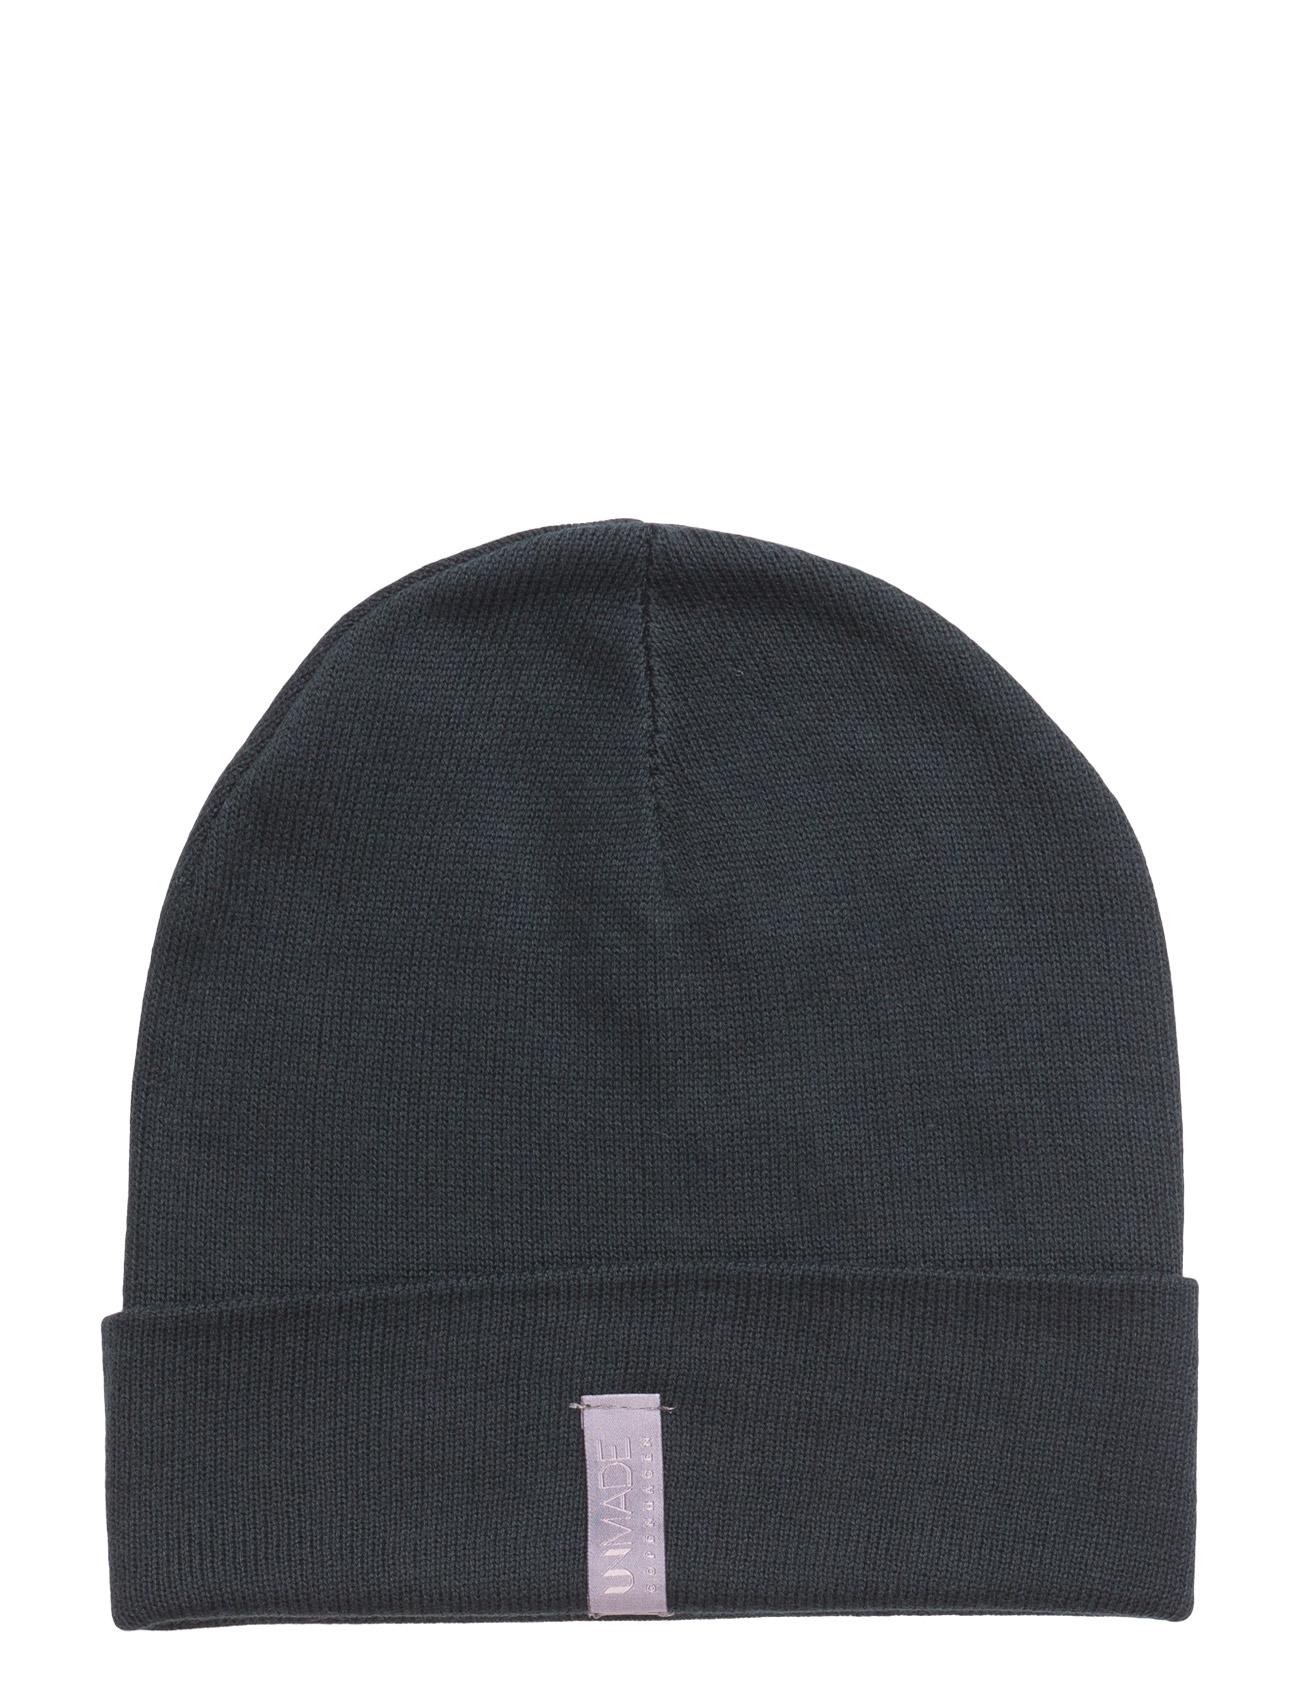 Soft Knitted Cashmere Hat UNMADE Copenhagen Hatte & Caps til Damer i